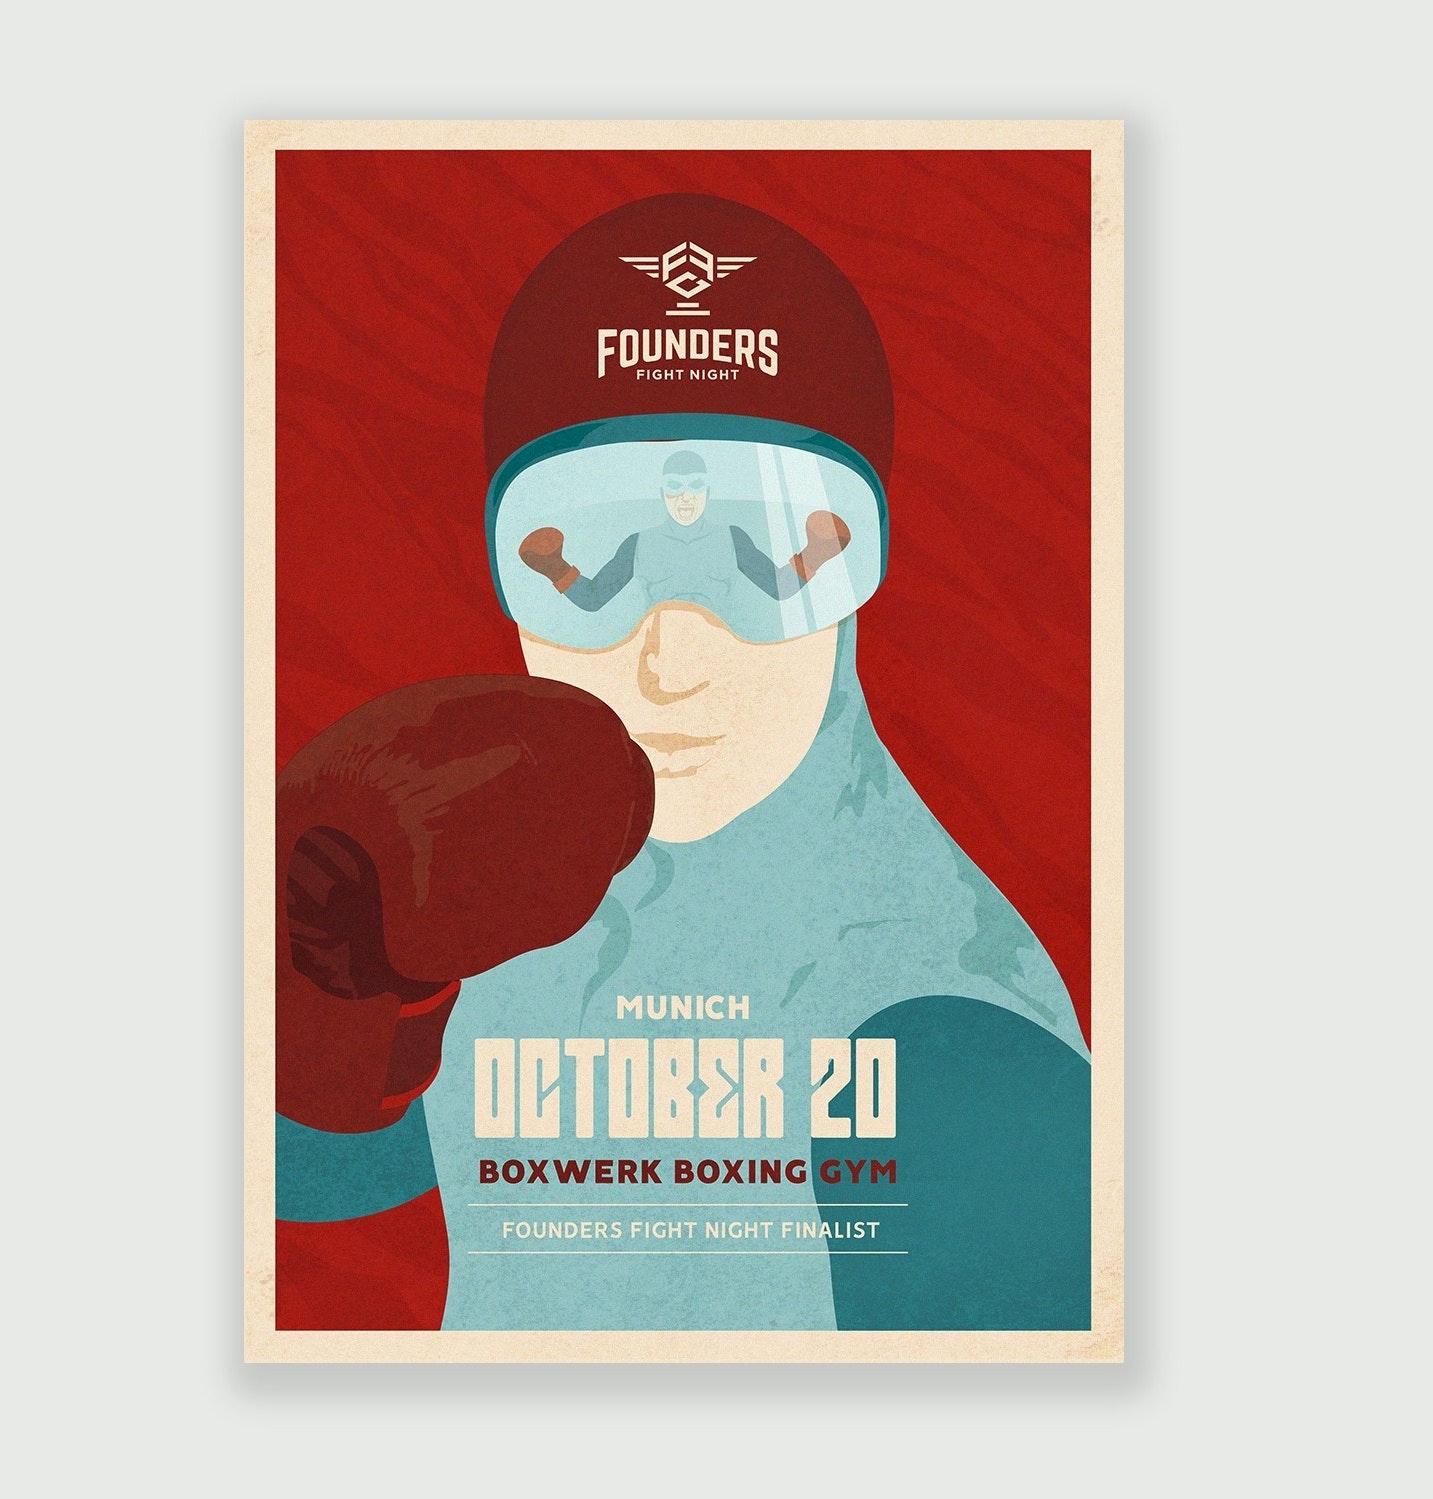 Retro-futuristic boxing poster